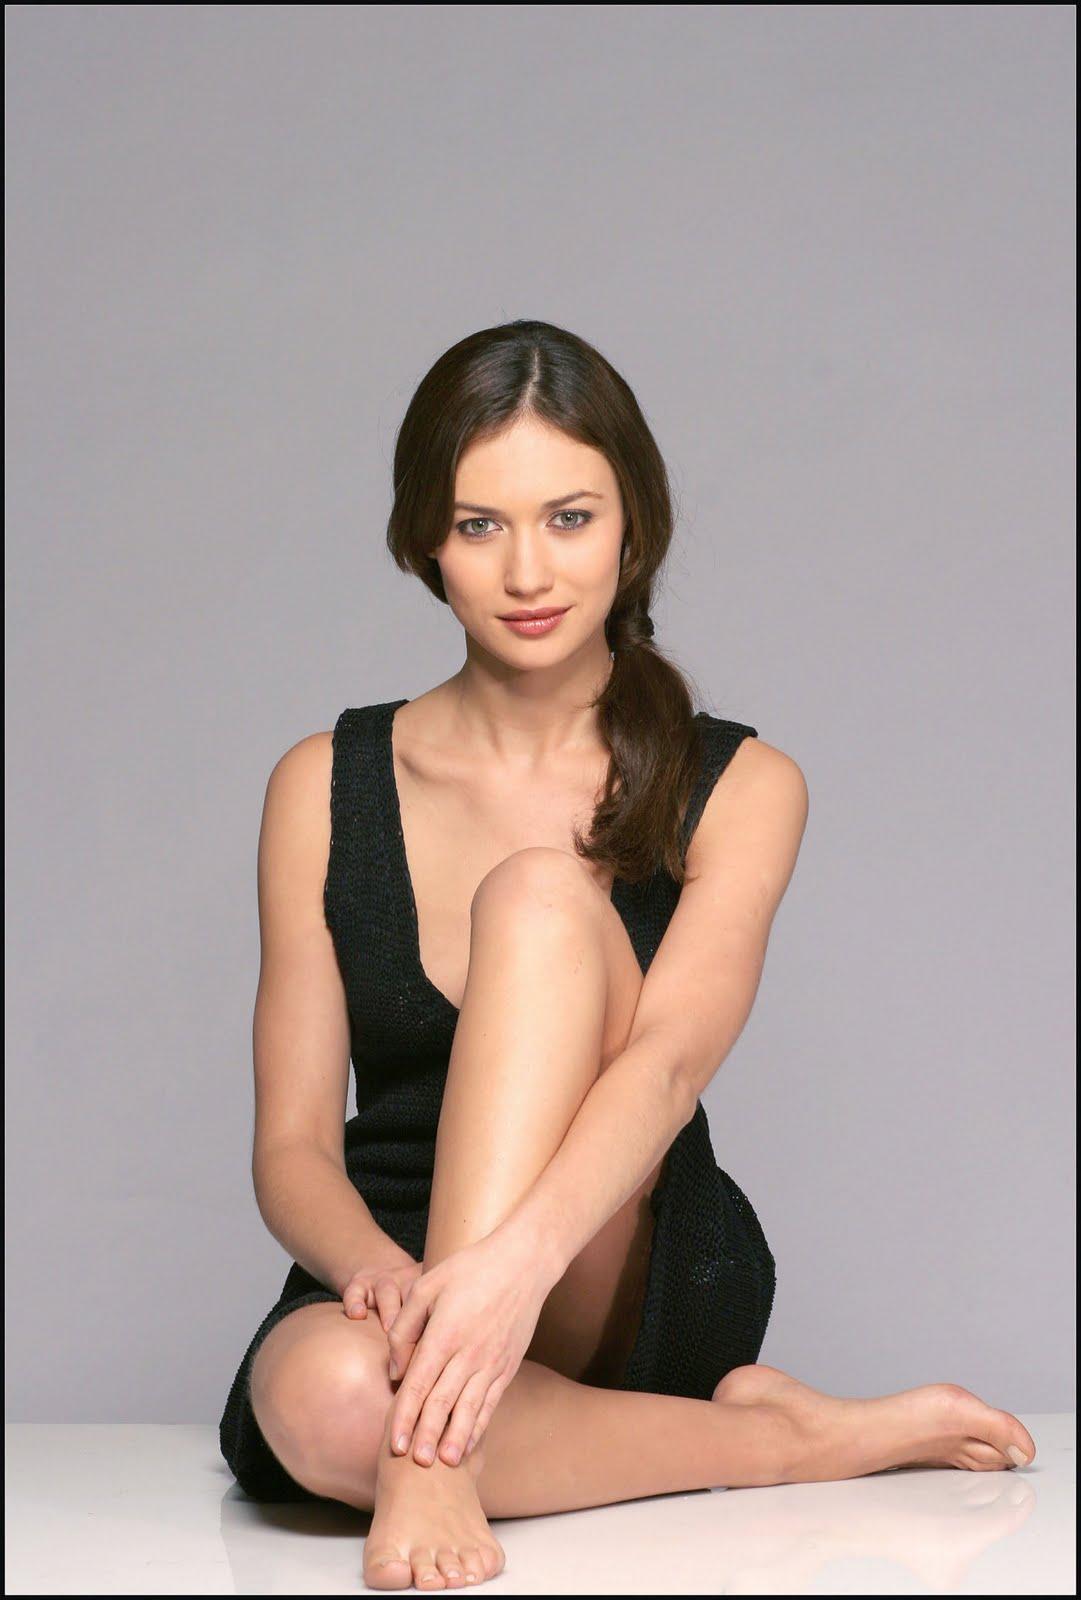 http://1.bp.blogspot.com/_sEXr38bp0vo/THbf5UZ79tI/AAAAAAAAAZM/ww2yFPl6I4E/s1600/Amathera+-+Olga+Kurylenko.jpg